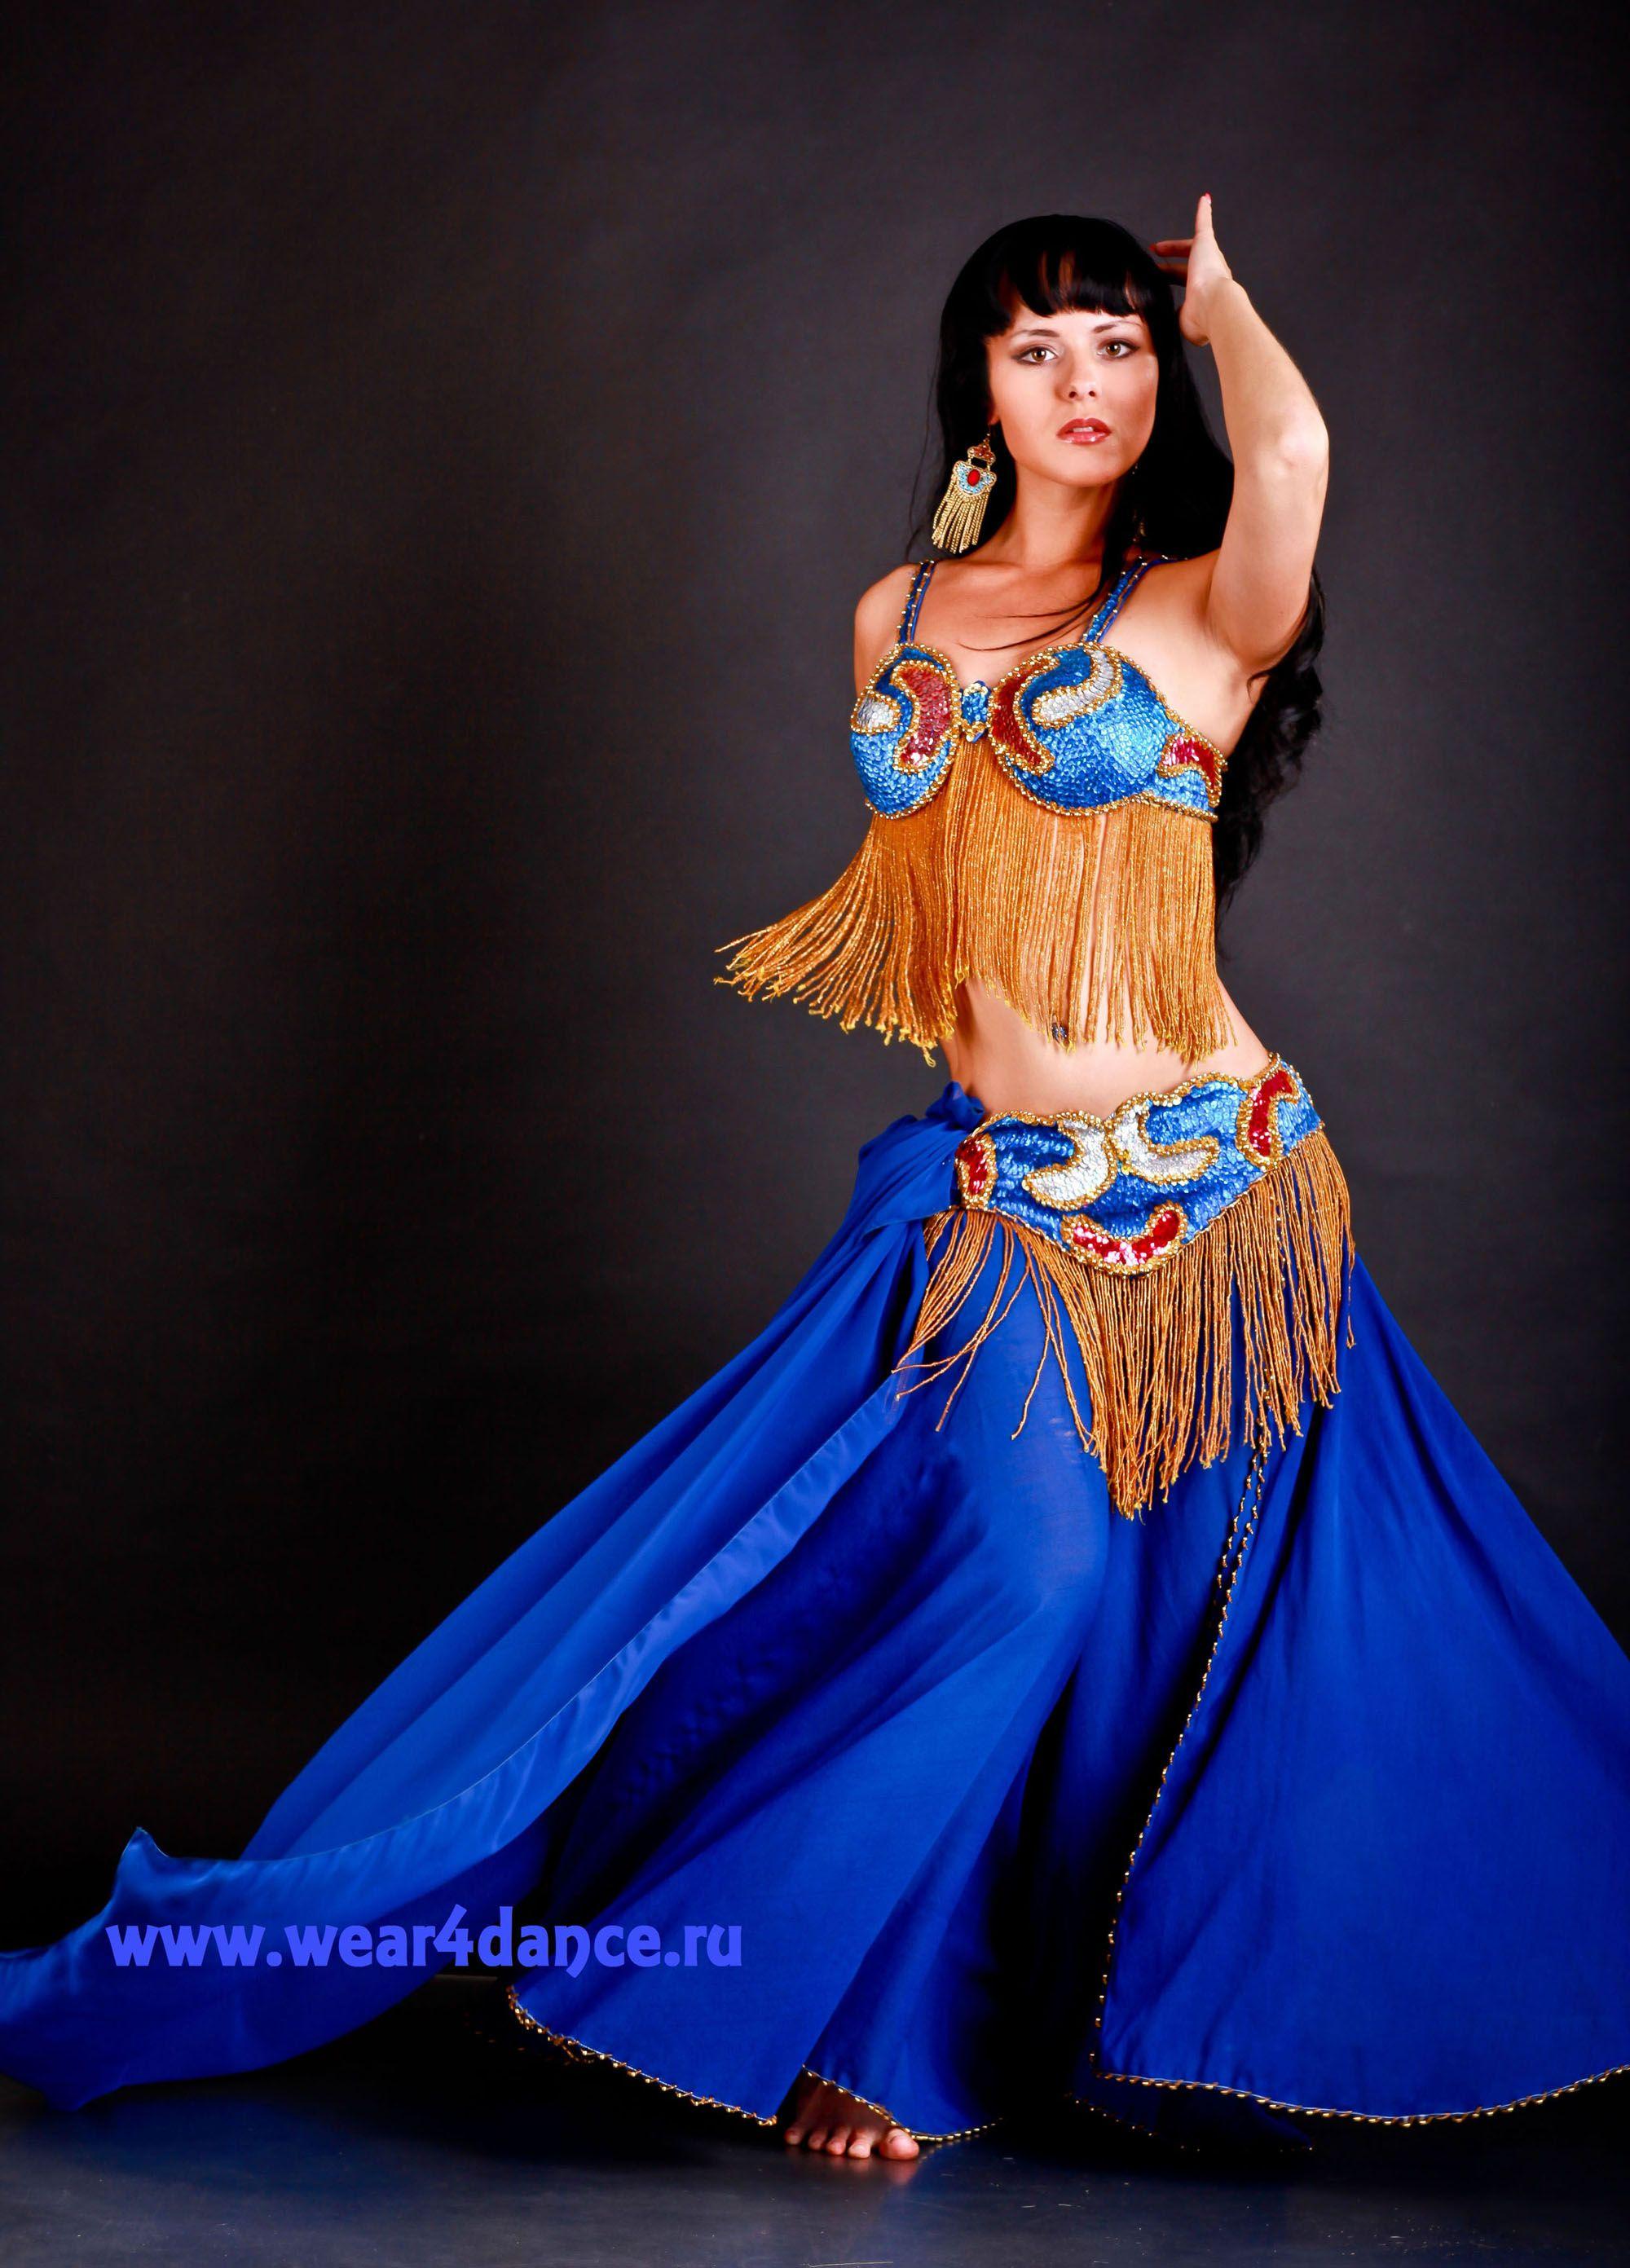 Костюм для танца живота своими руками фото 834